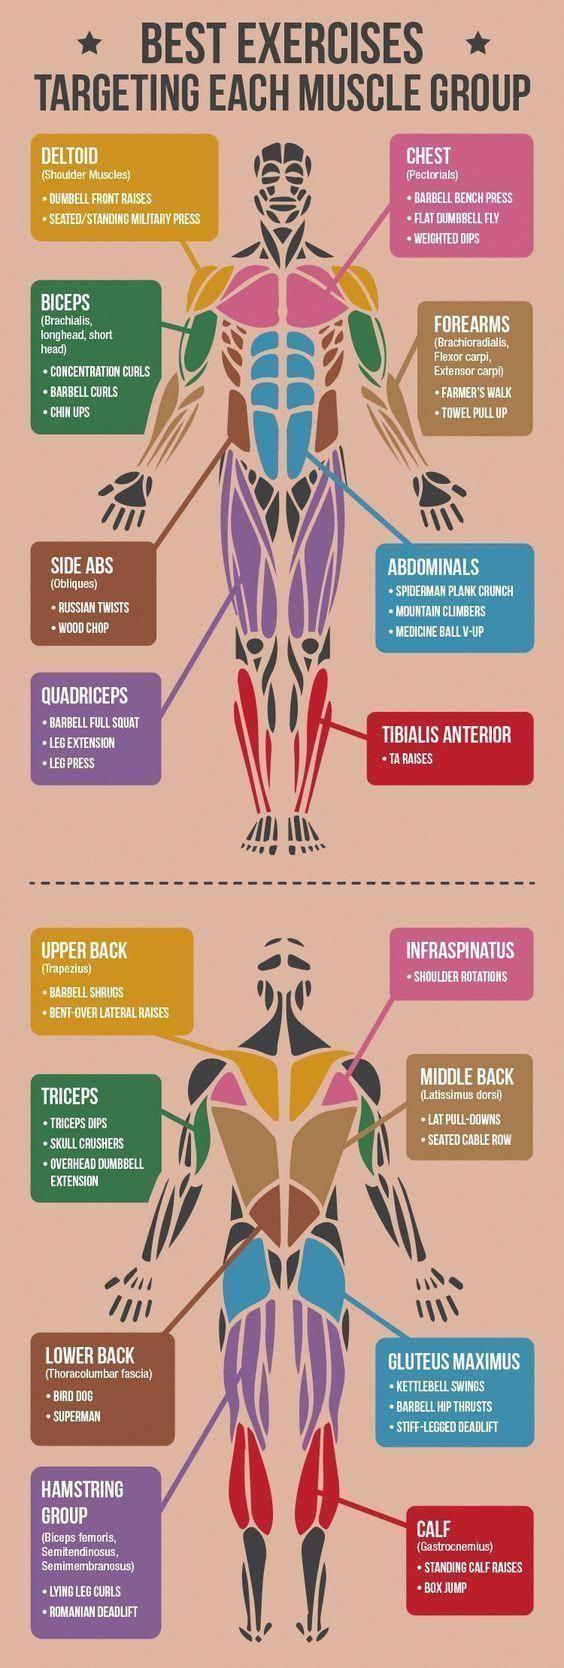 Gewichtsverlust nach Körpertyp #WeightLossFoodDinner #fitness trampolin übu ... -  Gewichtsverlust n...